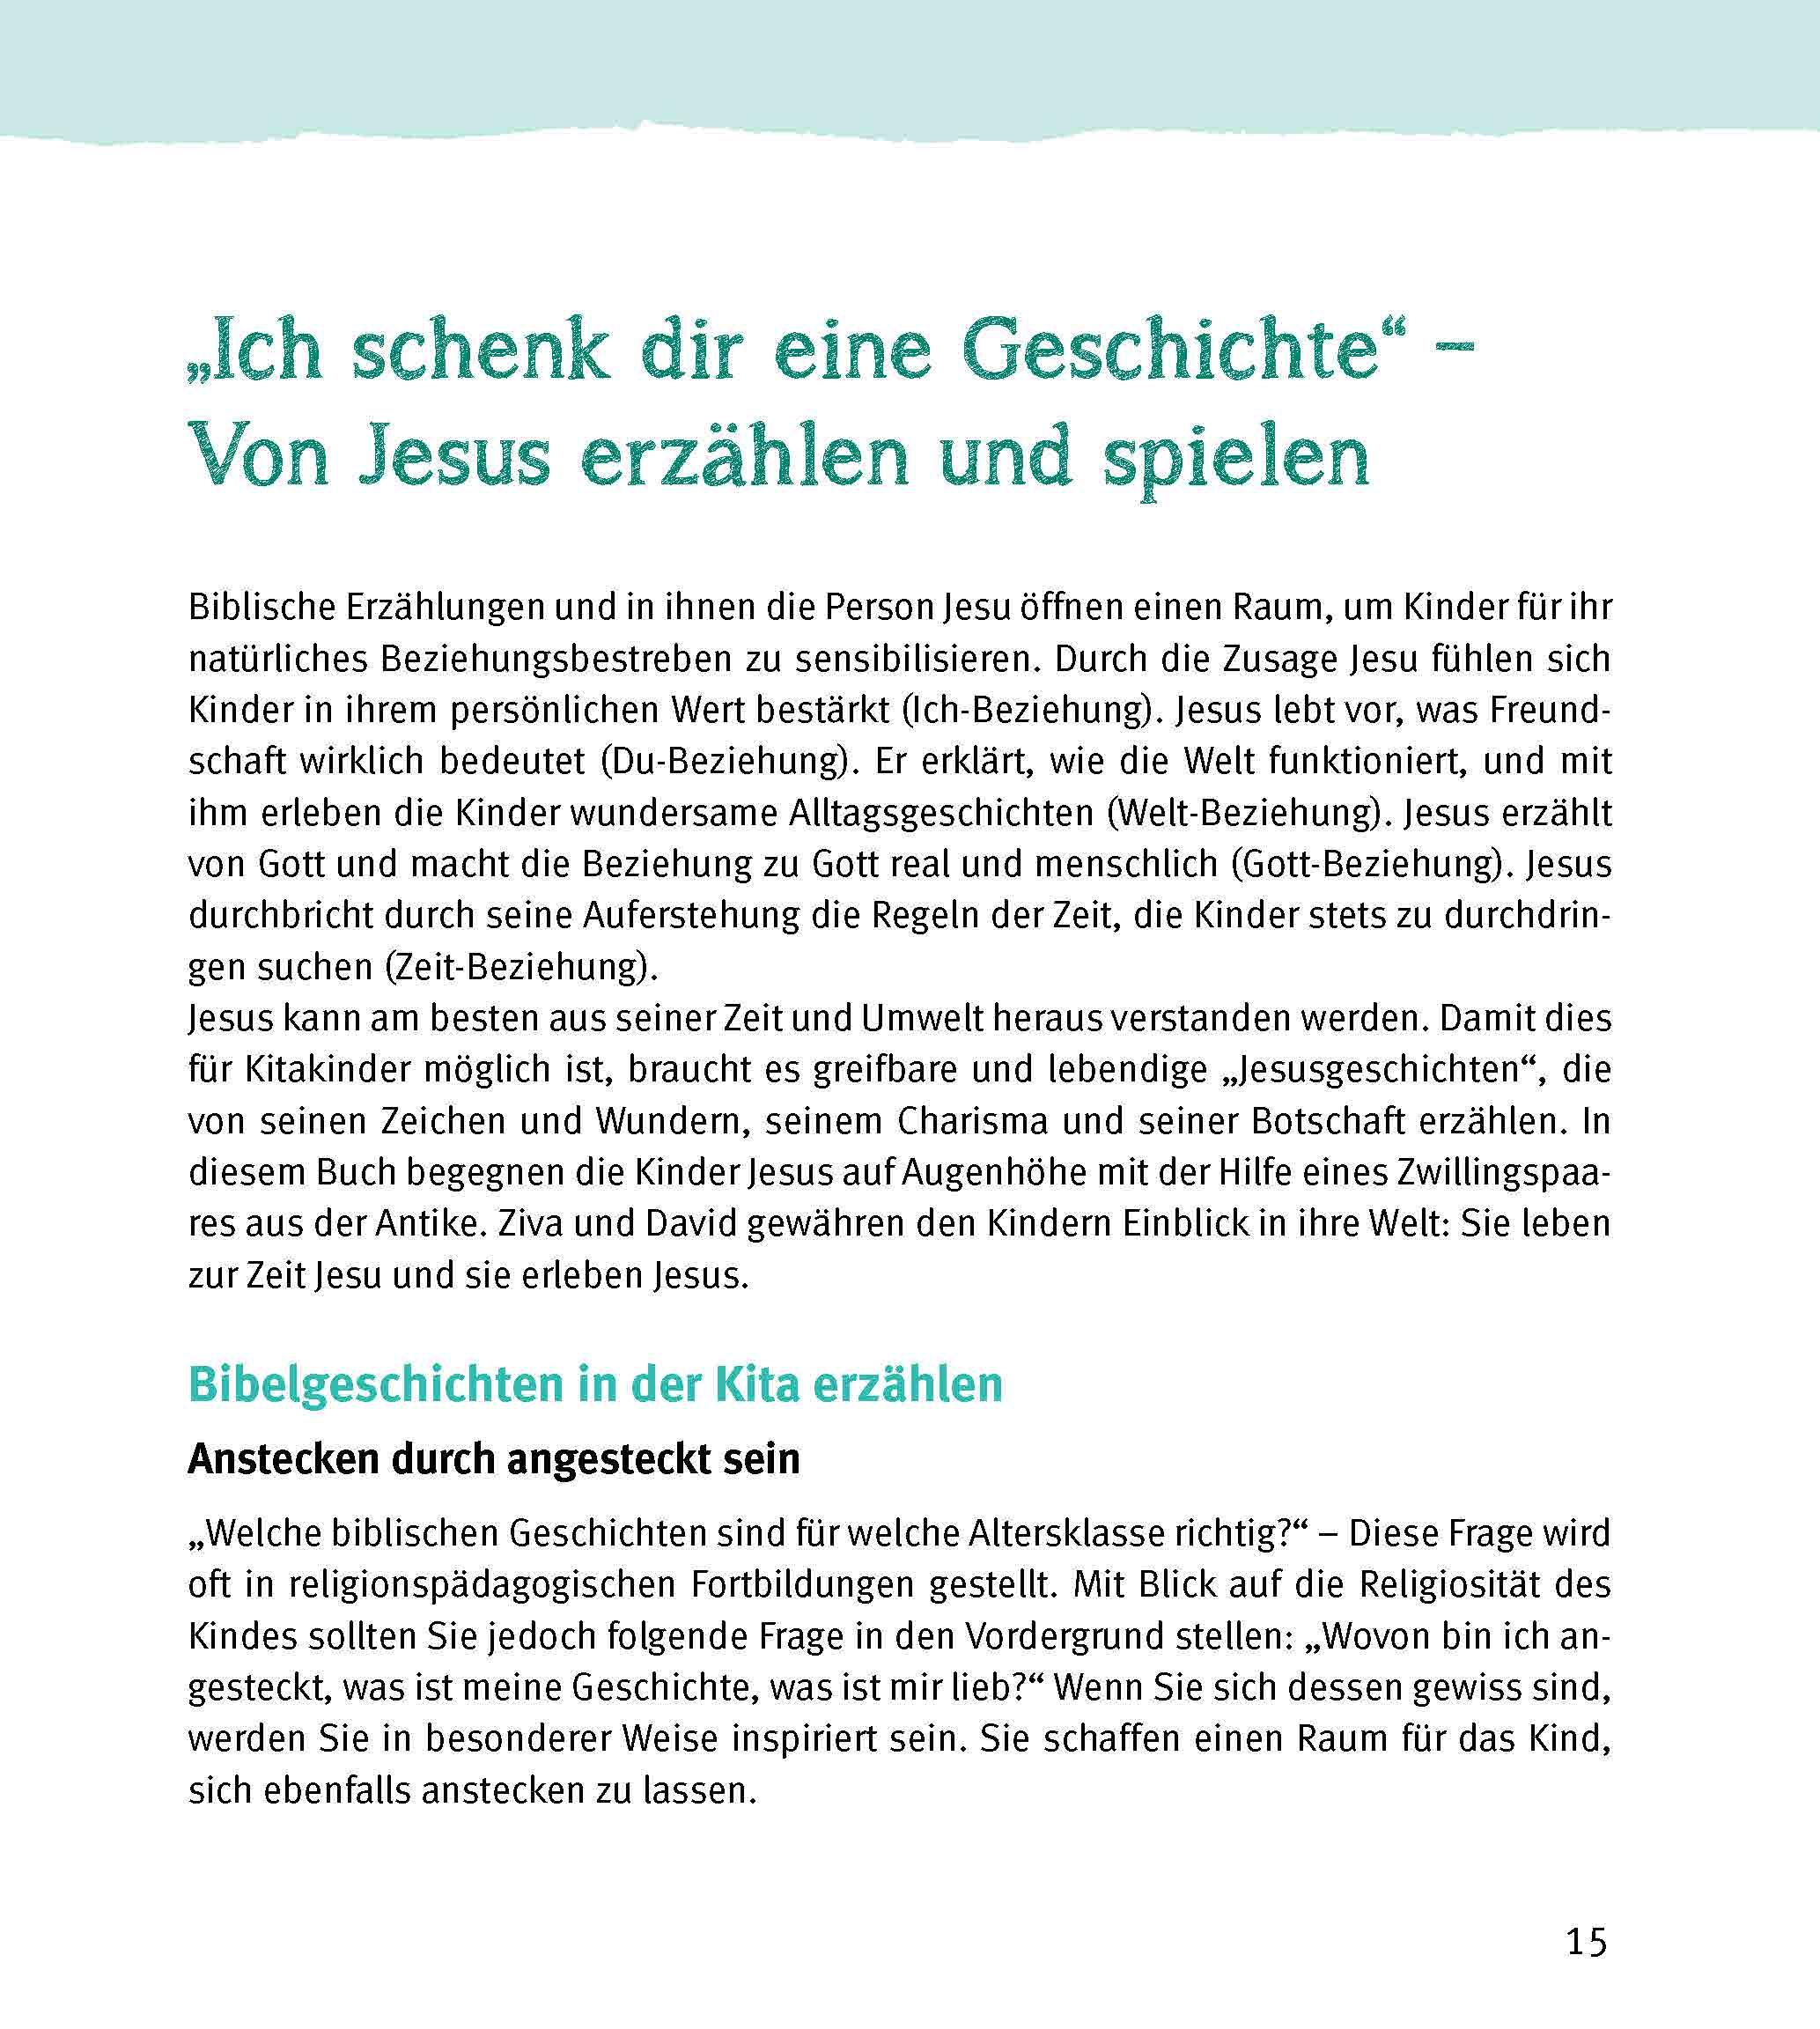 Innenansicht zu Spielstationen in der Kita. Jesus und Ostern erleben. 1 bis 6 Jahre